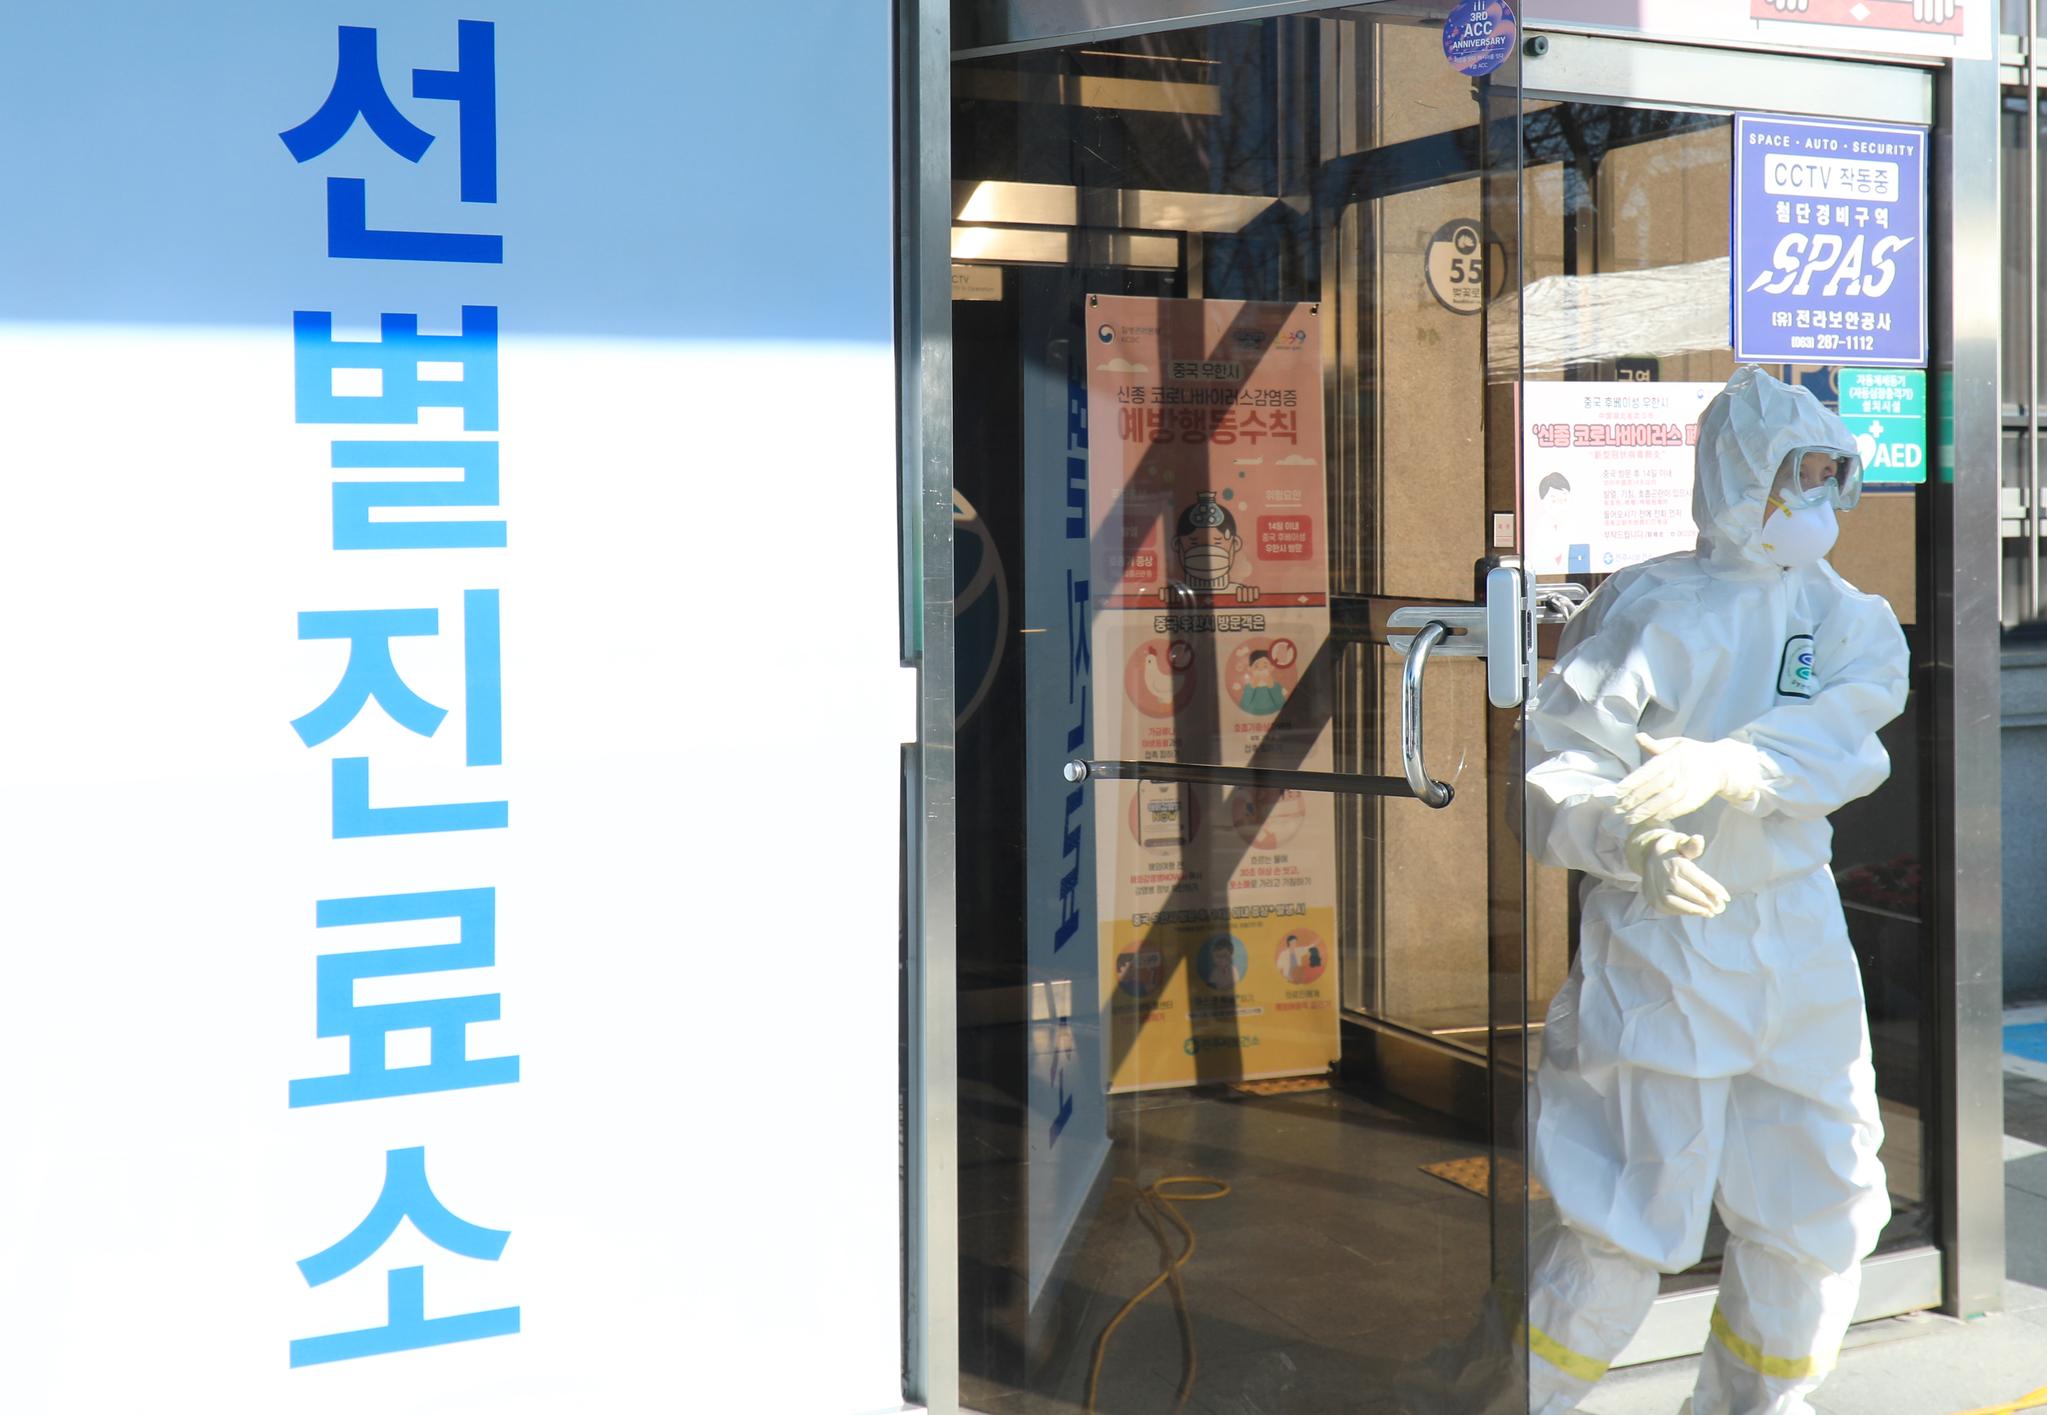 신종 코로나바이러스 감염증 확산 우려가 커지고 있는 5일 전북 전주시 덕진진료실 선별진료소 앞에서 방호복을 착용한 보건소 의료진이 진료소로 향하고 있다. [뉴스1]